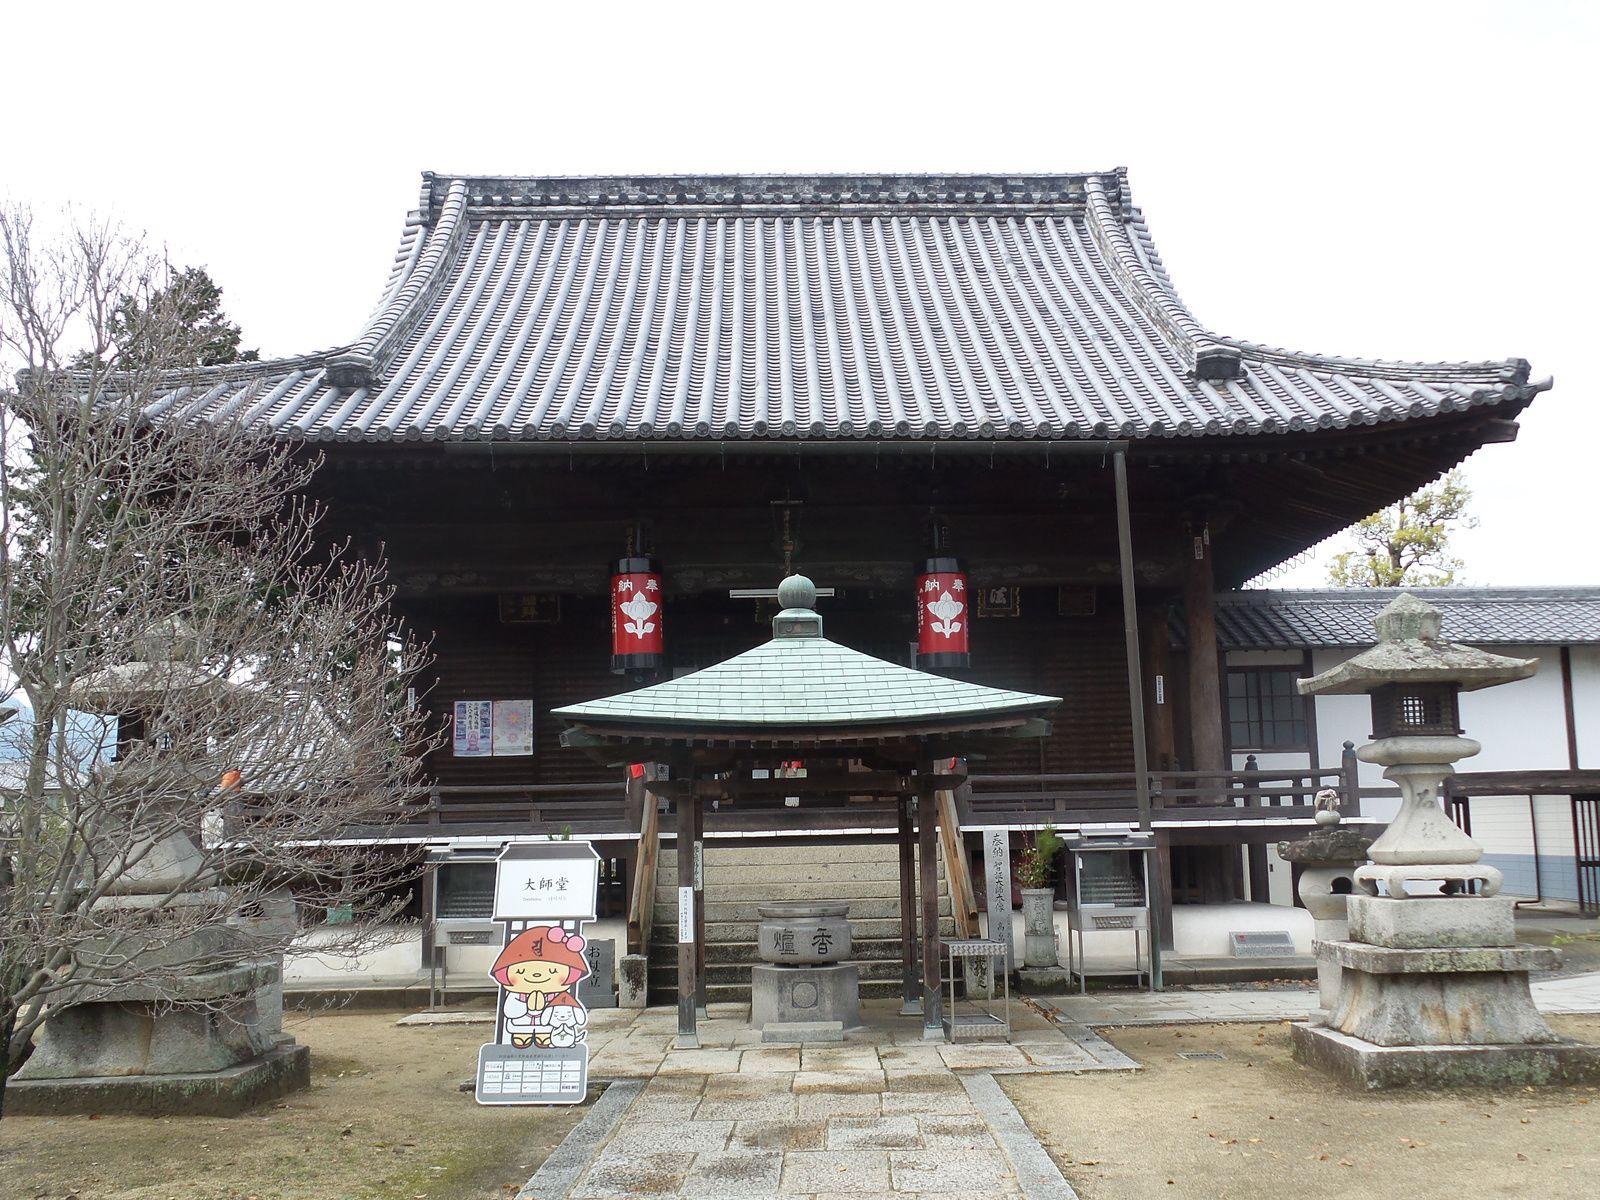 Temple 75 à 78 et le cap des 1000 km franchi